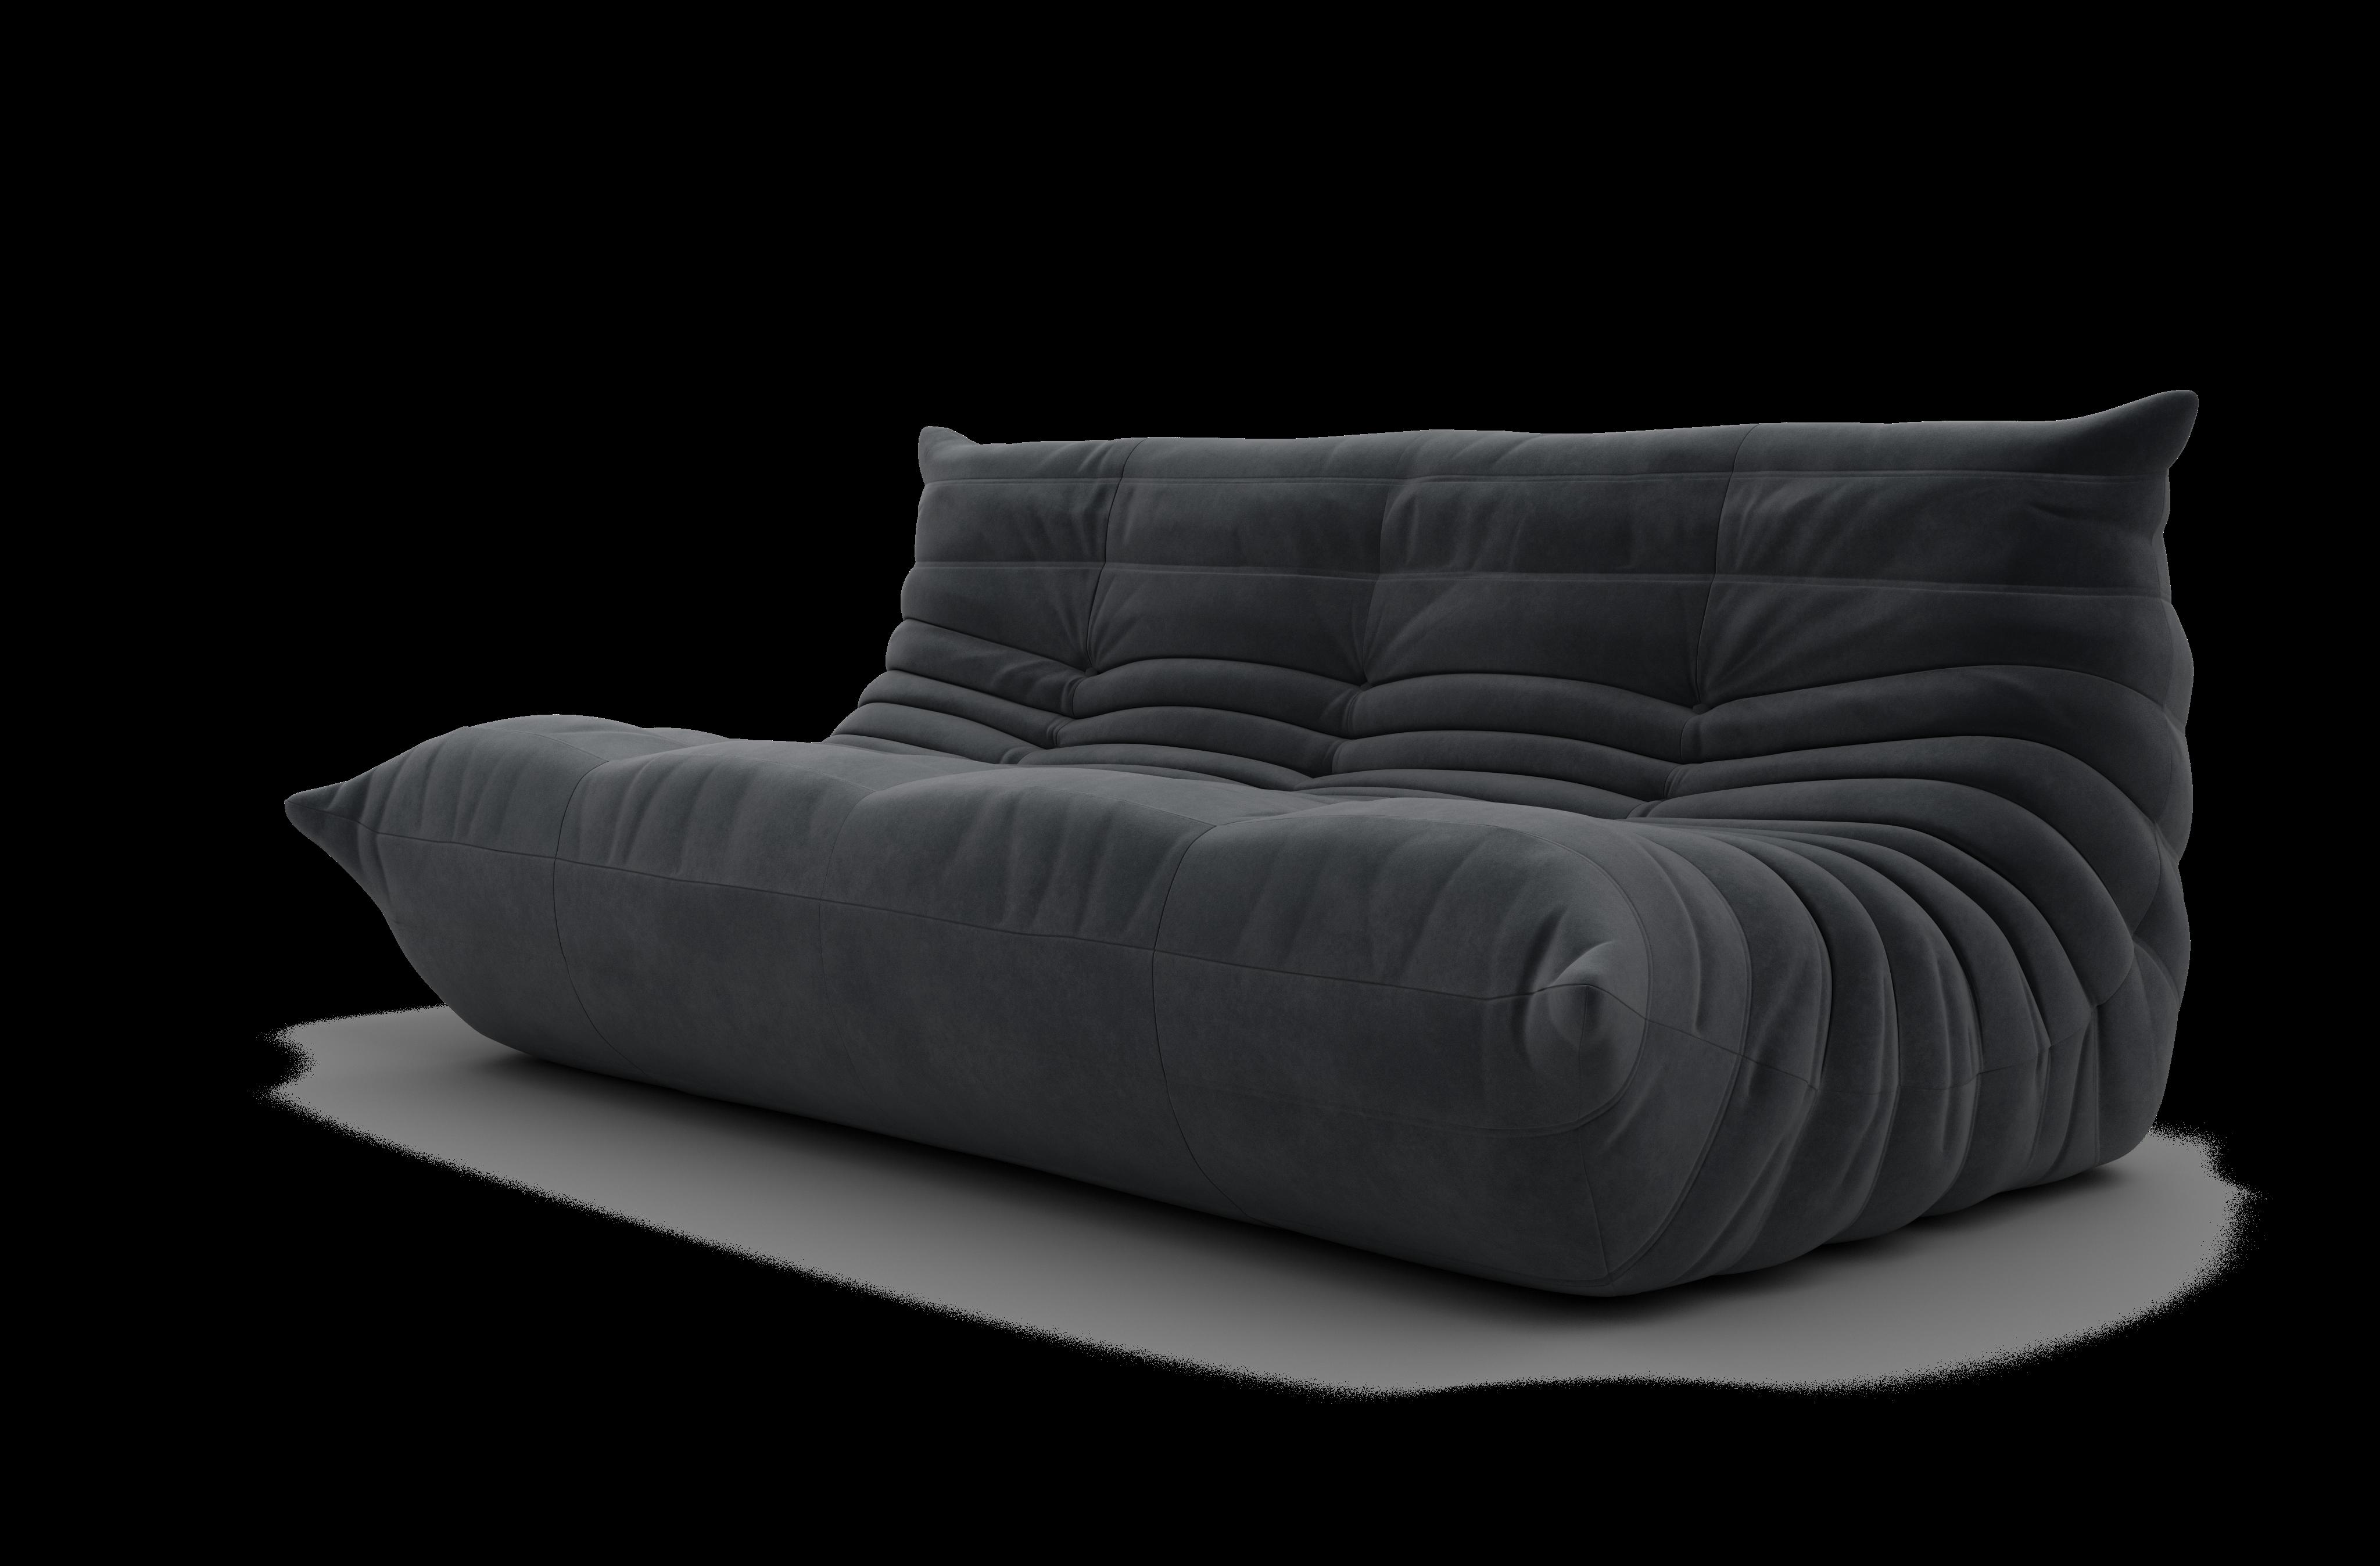 canap lit togo ligne roset maison et mobilier d 39 int rieur. Black Bedroom Furniture Sets. Home Design Ideas